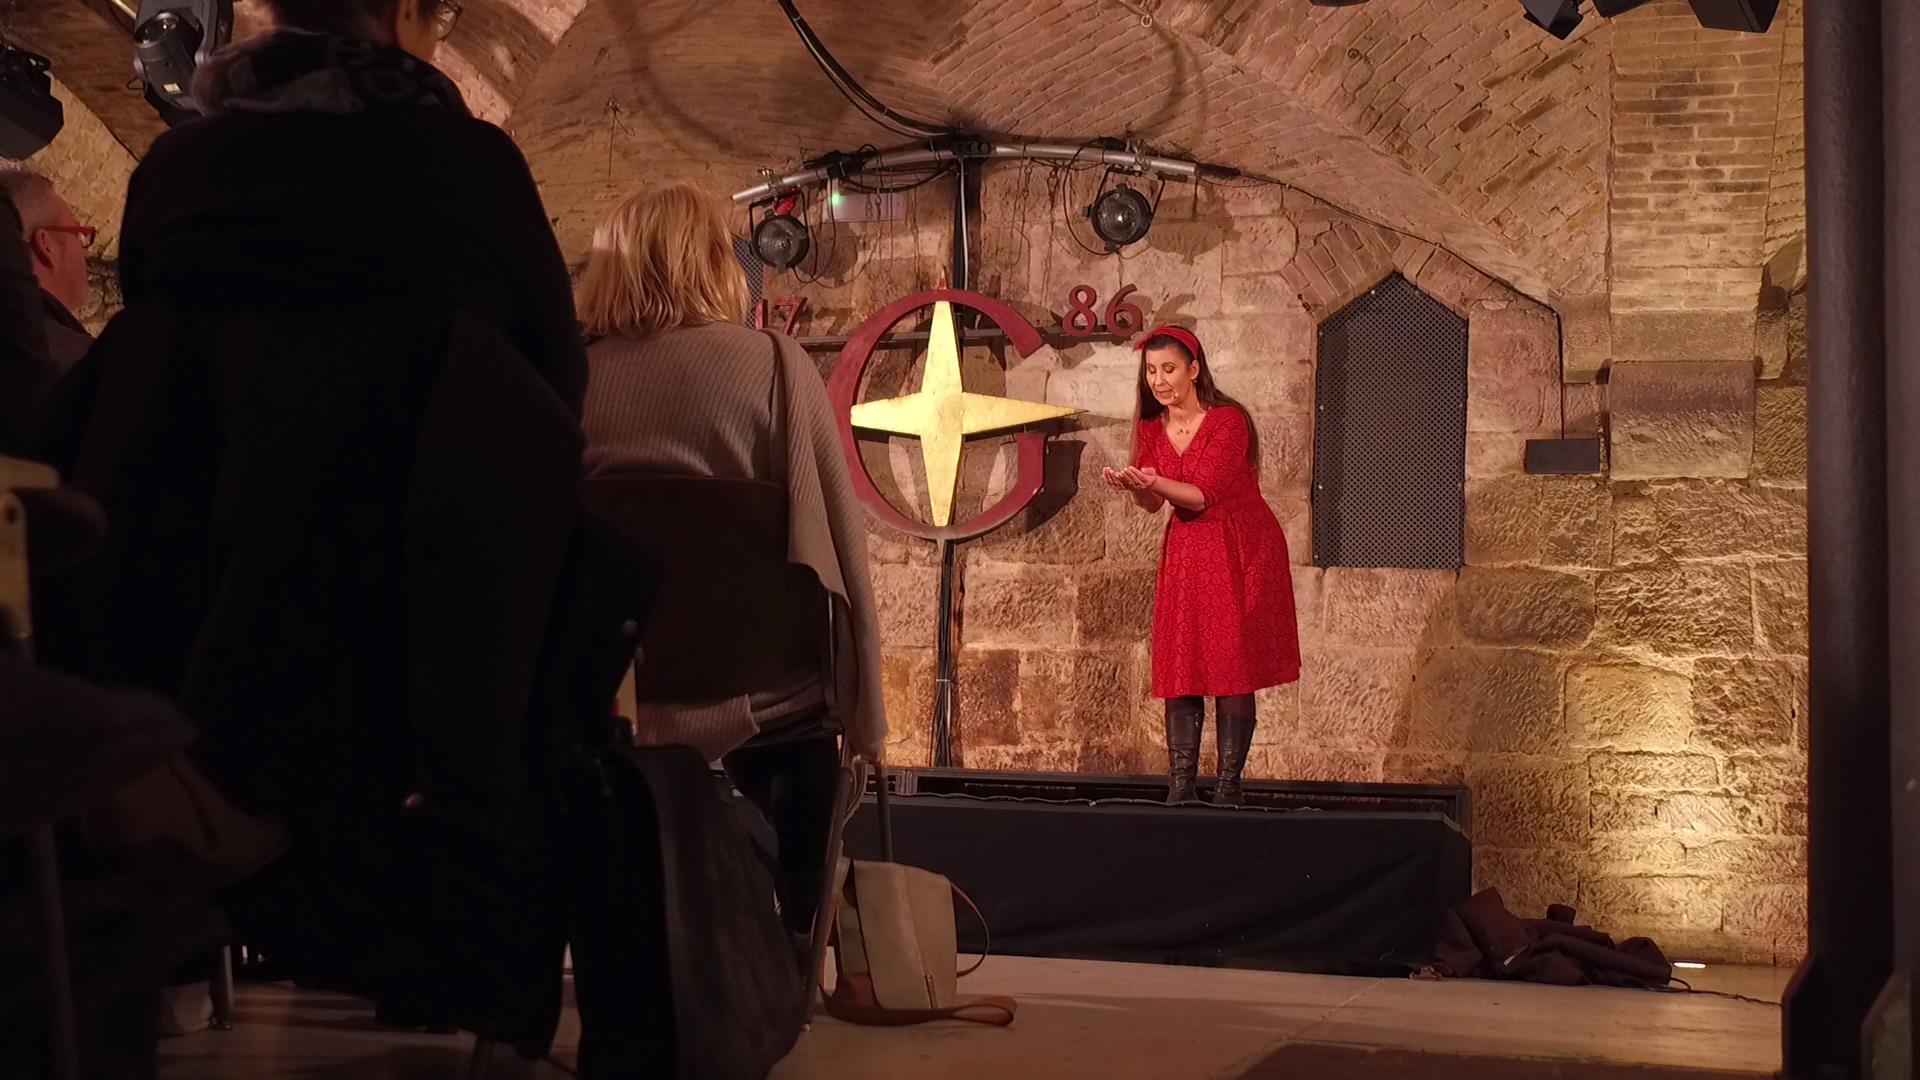 Erzählkünstlerin und zertifizierte Märchenerzählerin Kirsten Stein - Erzählkunst aus Nordhessen